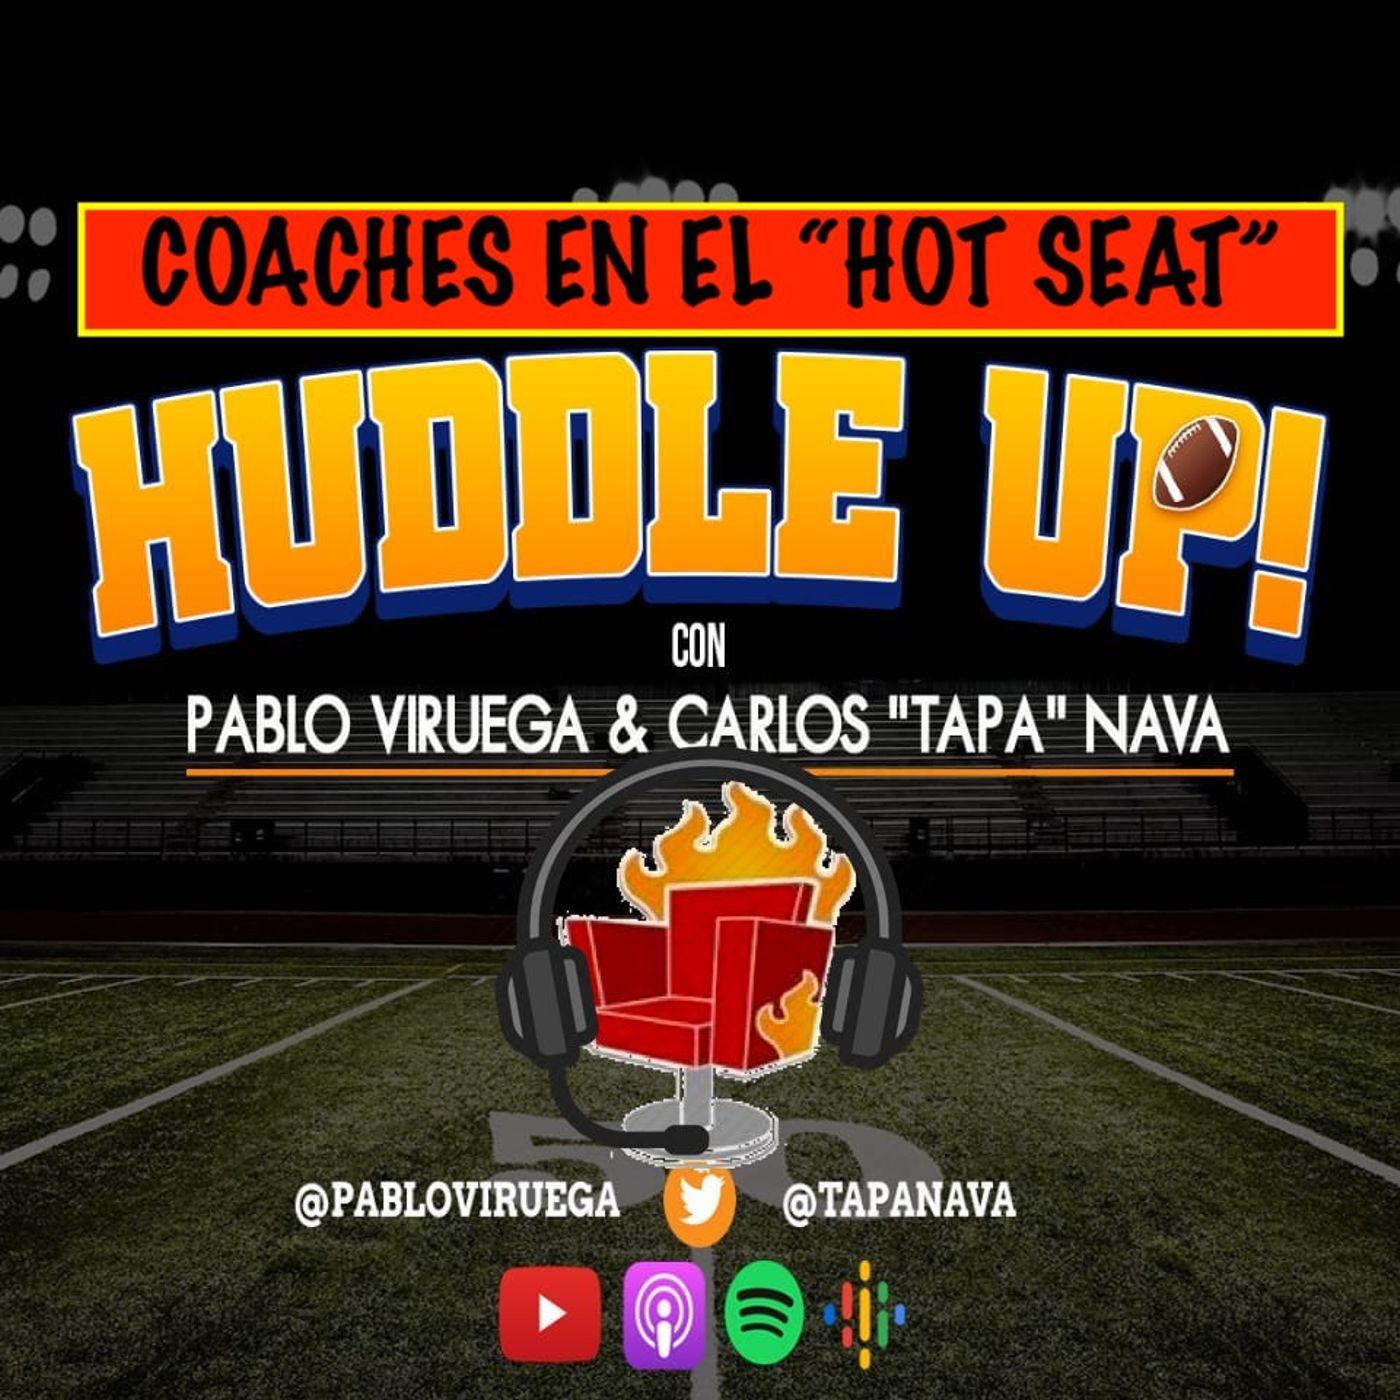 #HuddleUP Coaches que podrían en el HOT SEAT para #NFL 2021 con @TapaNava y @PabloViruega